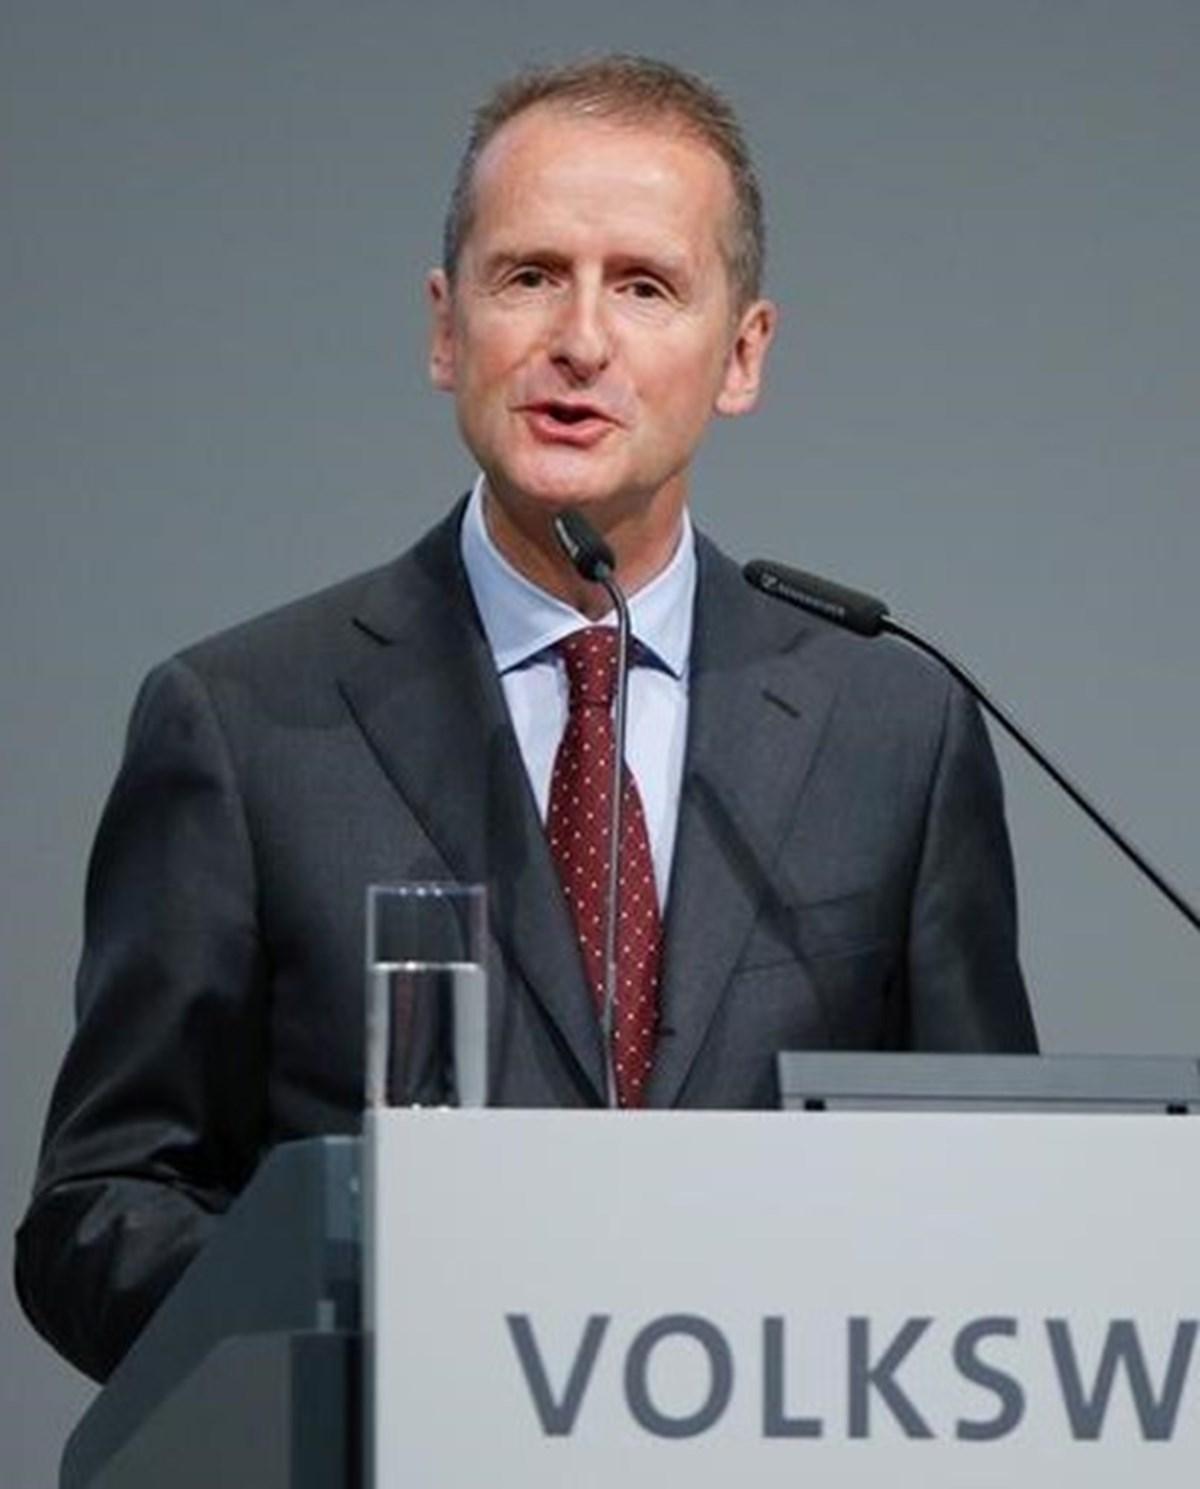 Volkswagen CEO